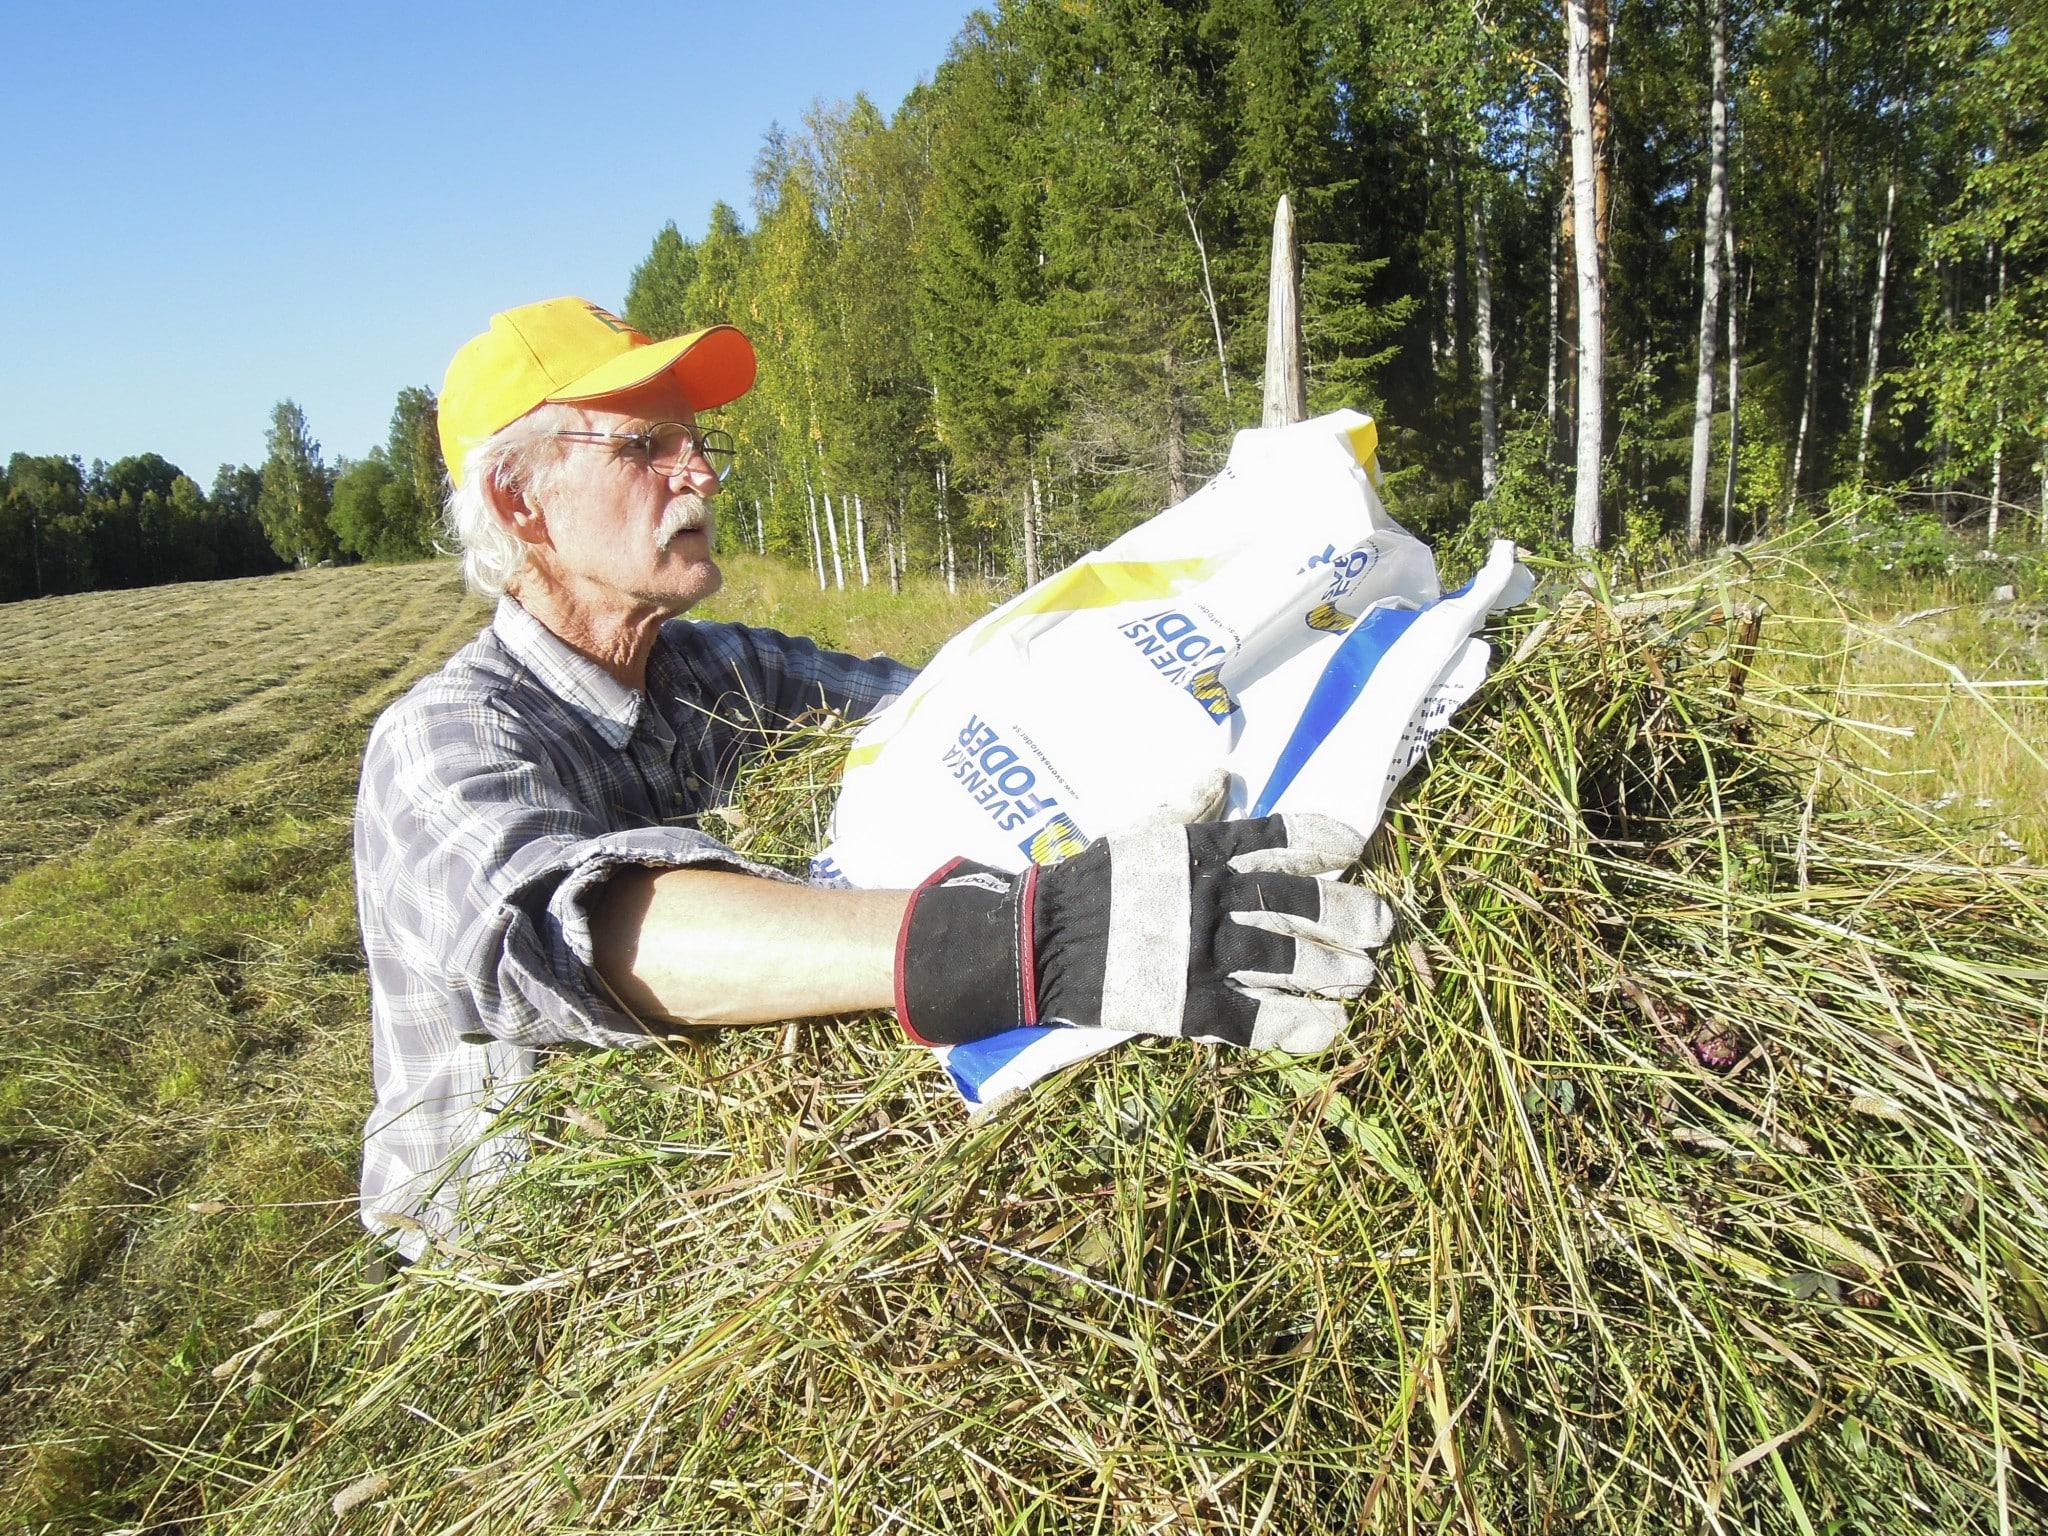 """Om man så vill kan foderstacken förses med en """"mössa"""" avexempelvis en uppskuren plastsäck. Foto: Bernt Karlsson"""